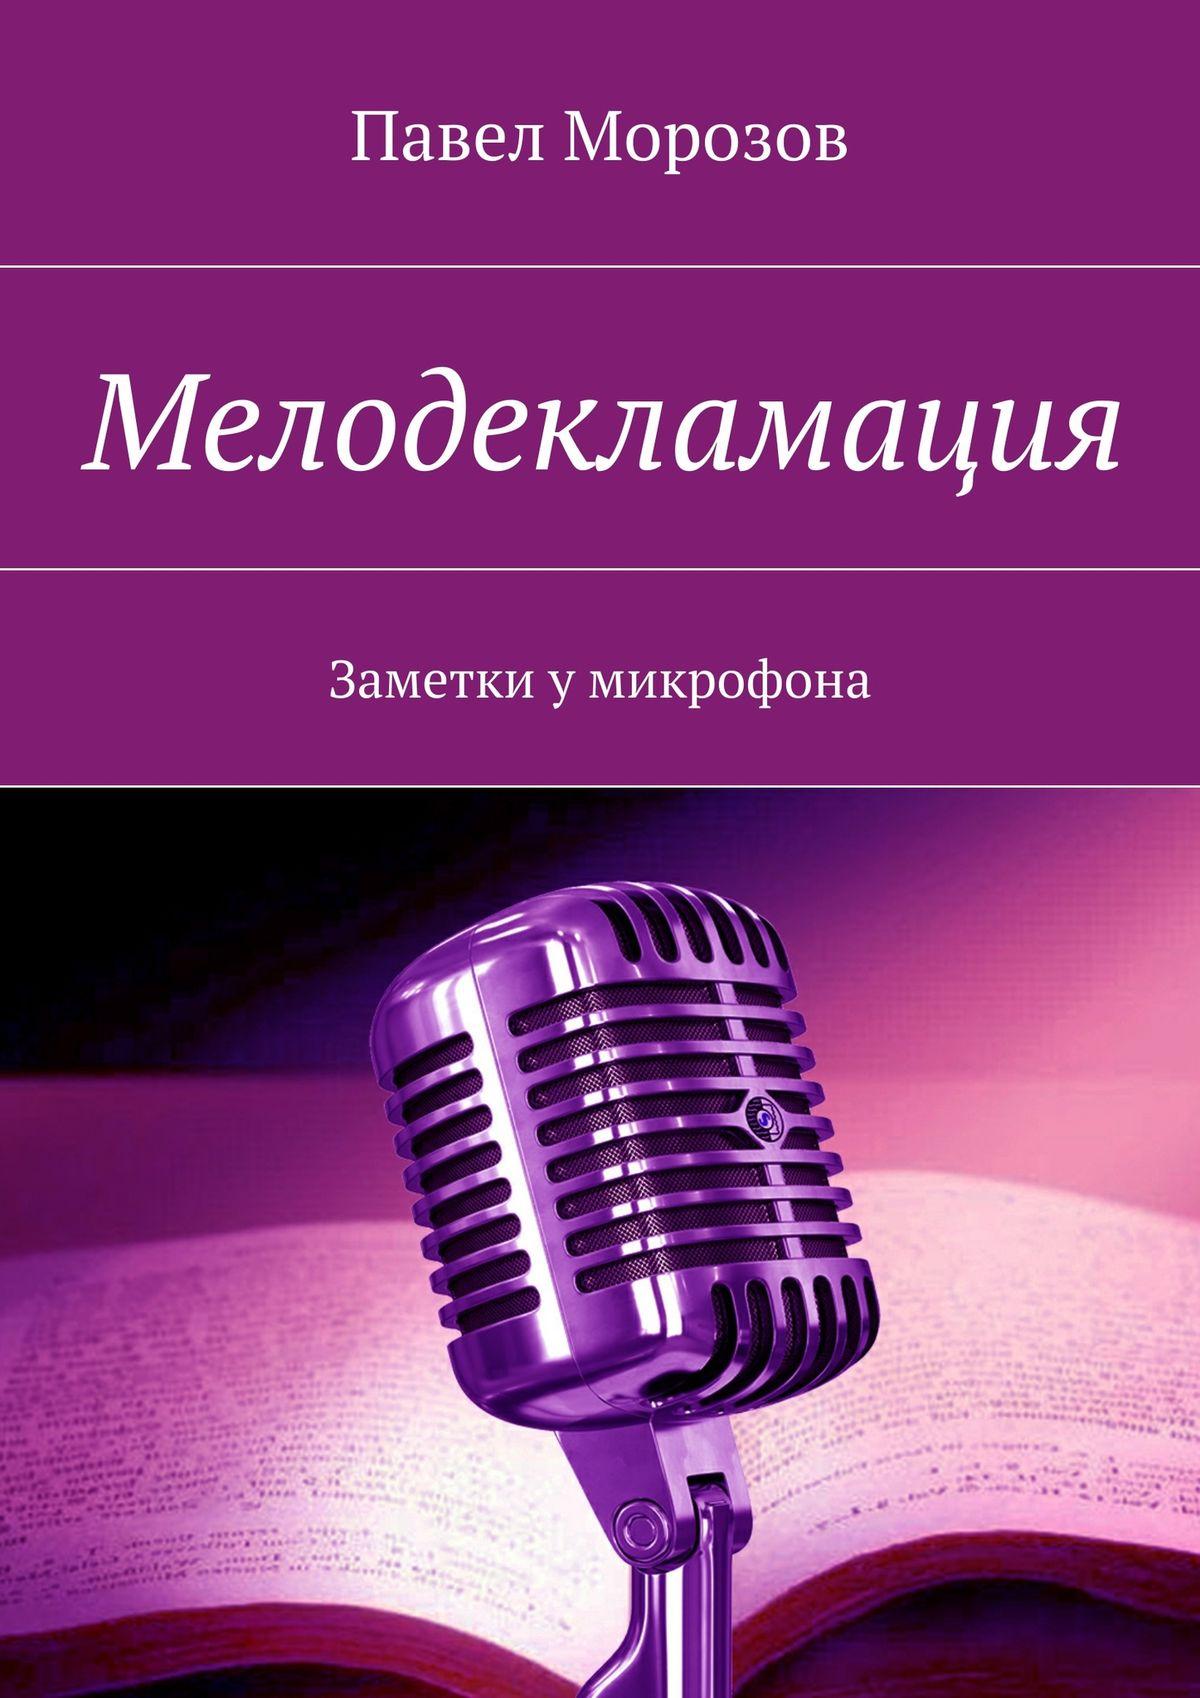 Мелодекламация. Заметки у микрофона